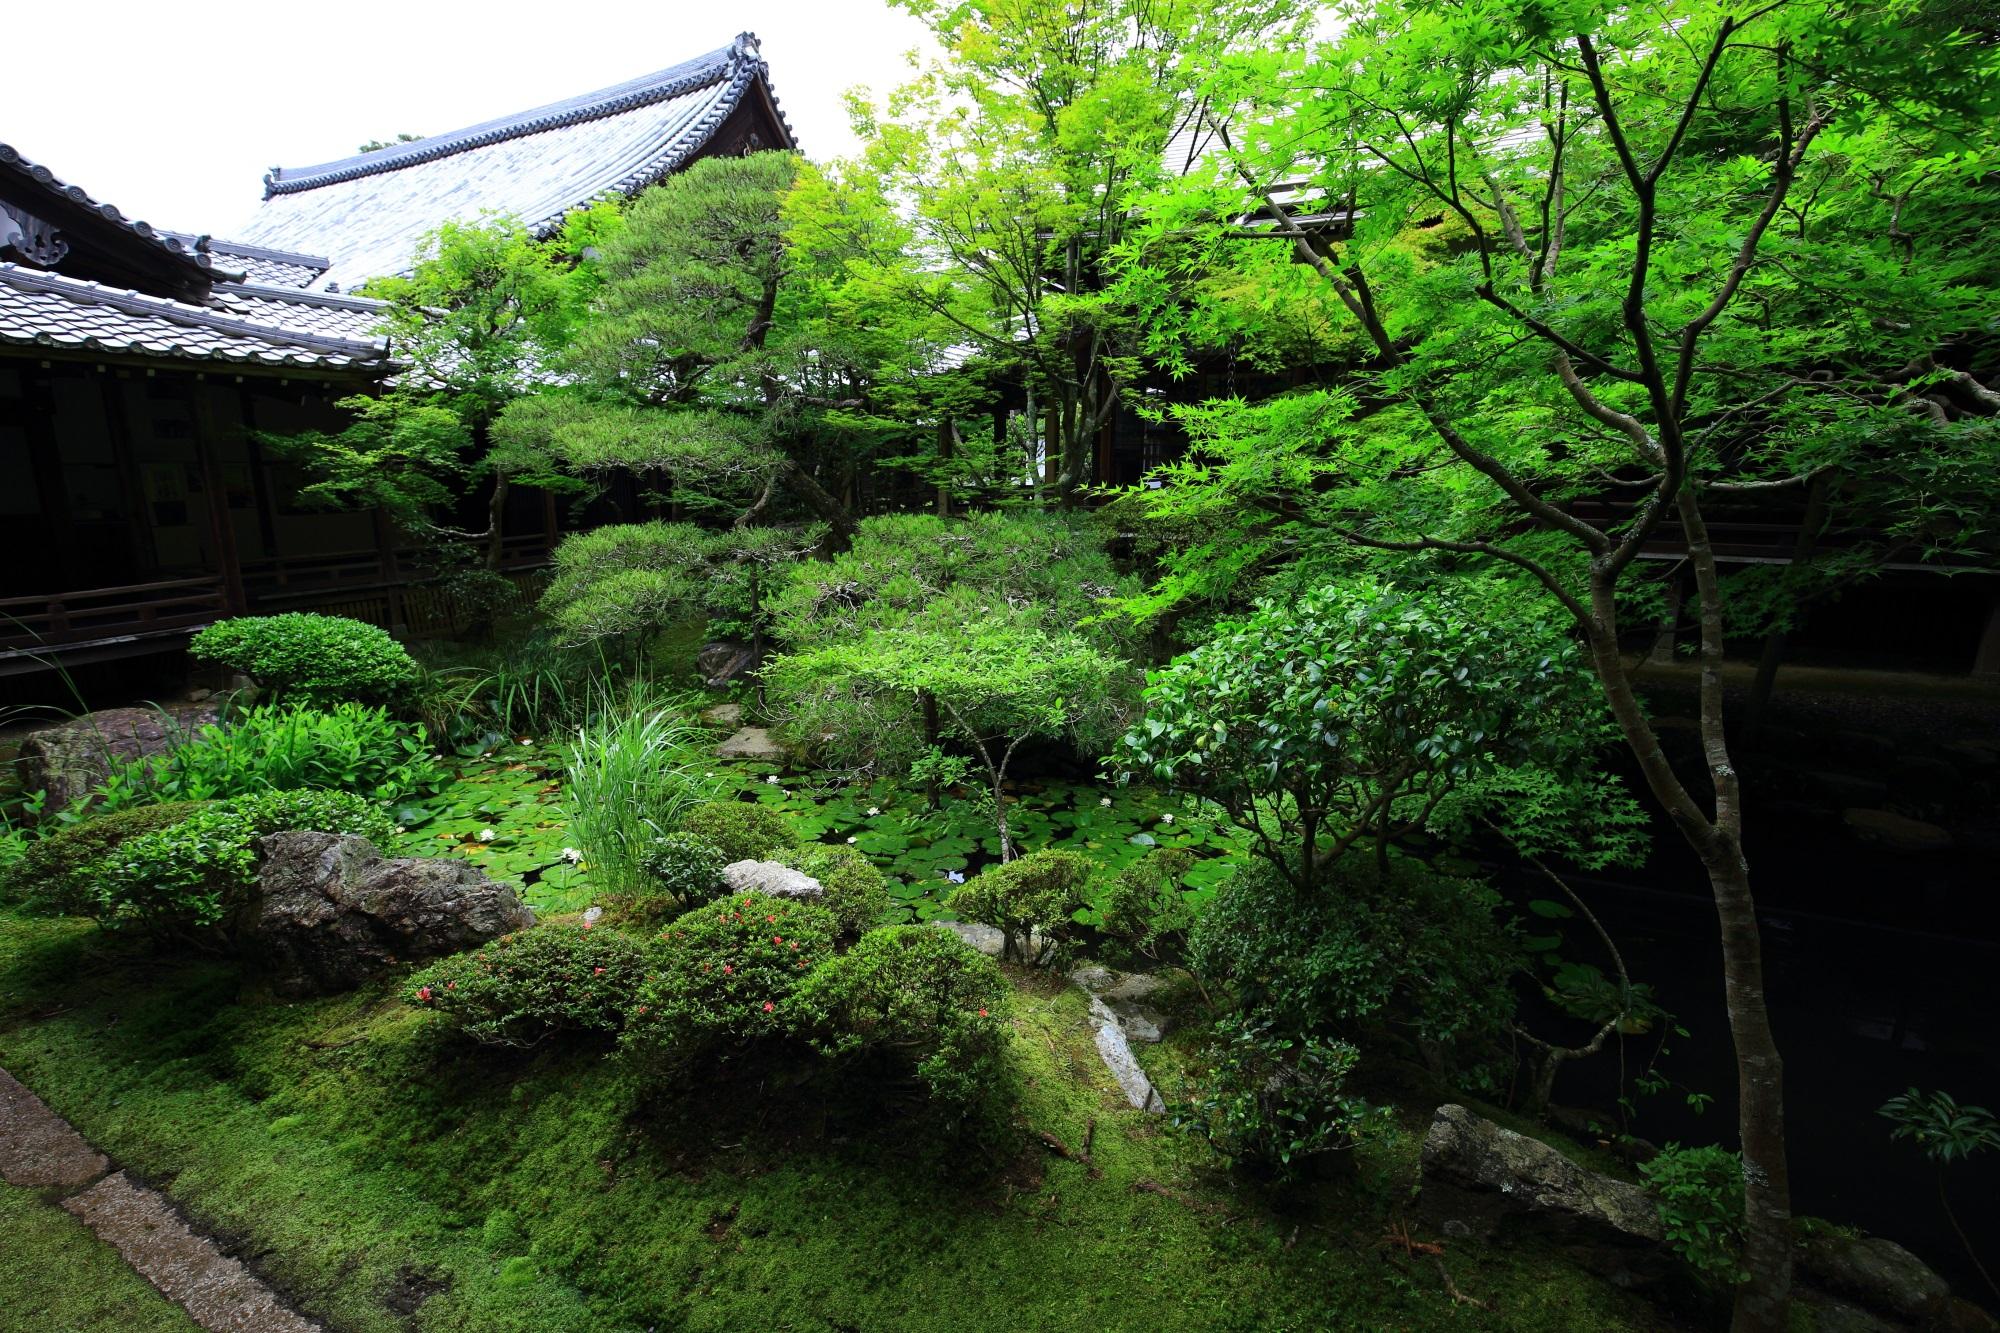 緑の美しい方丈北庭